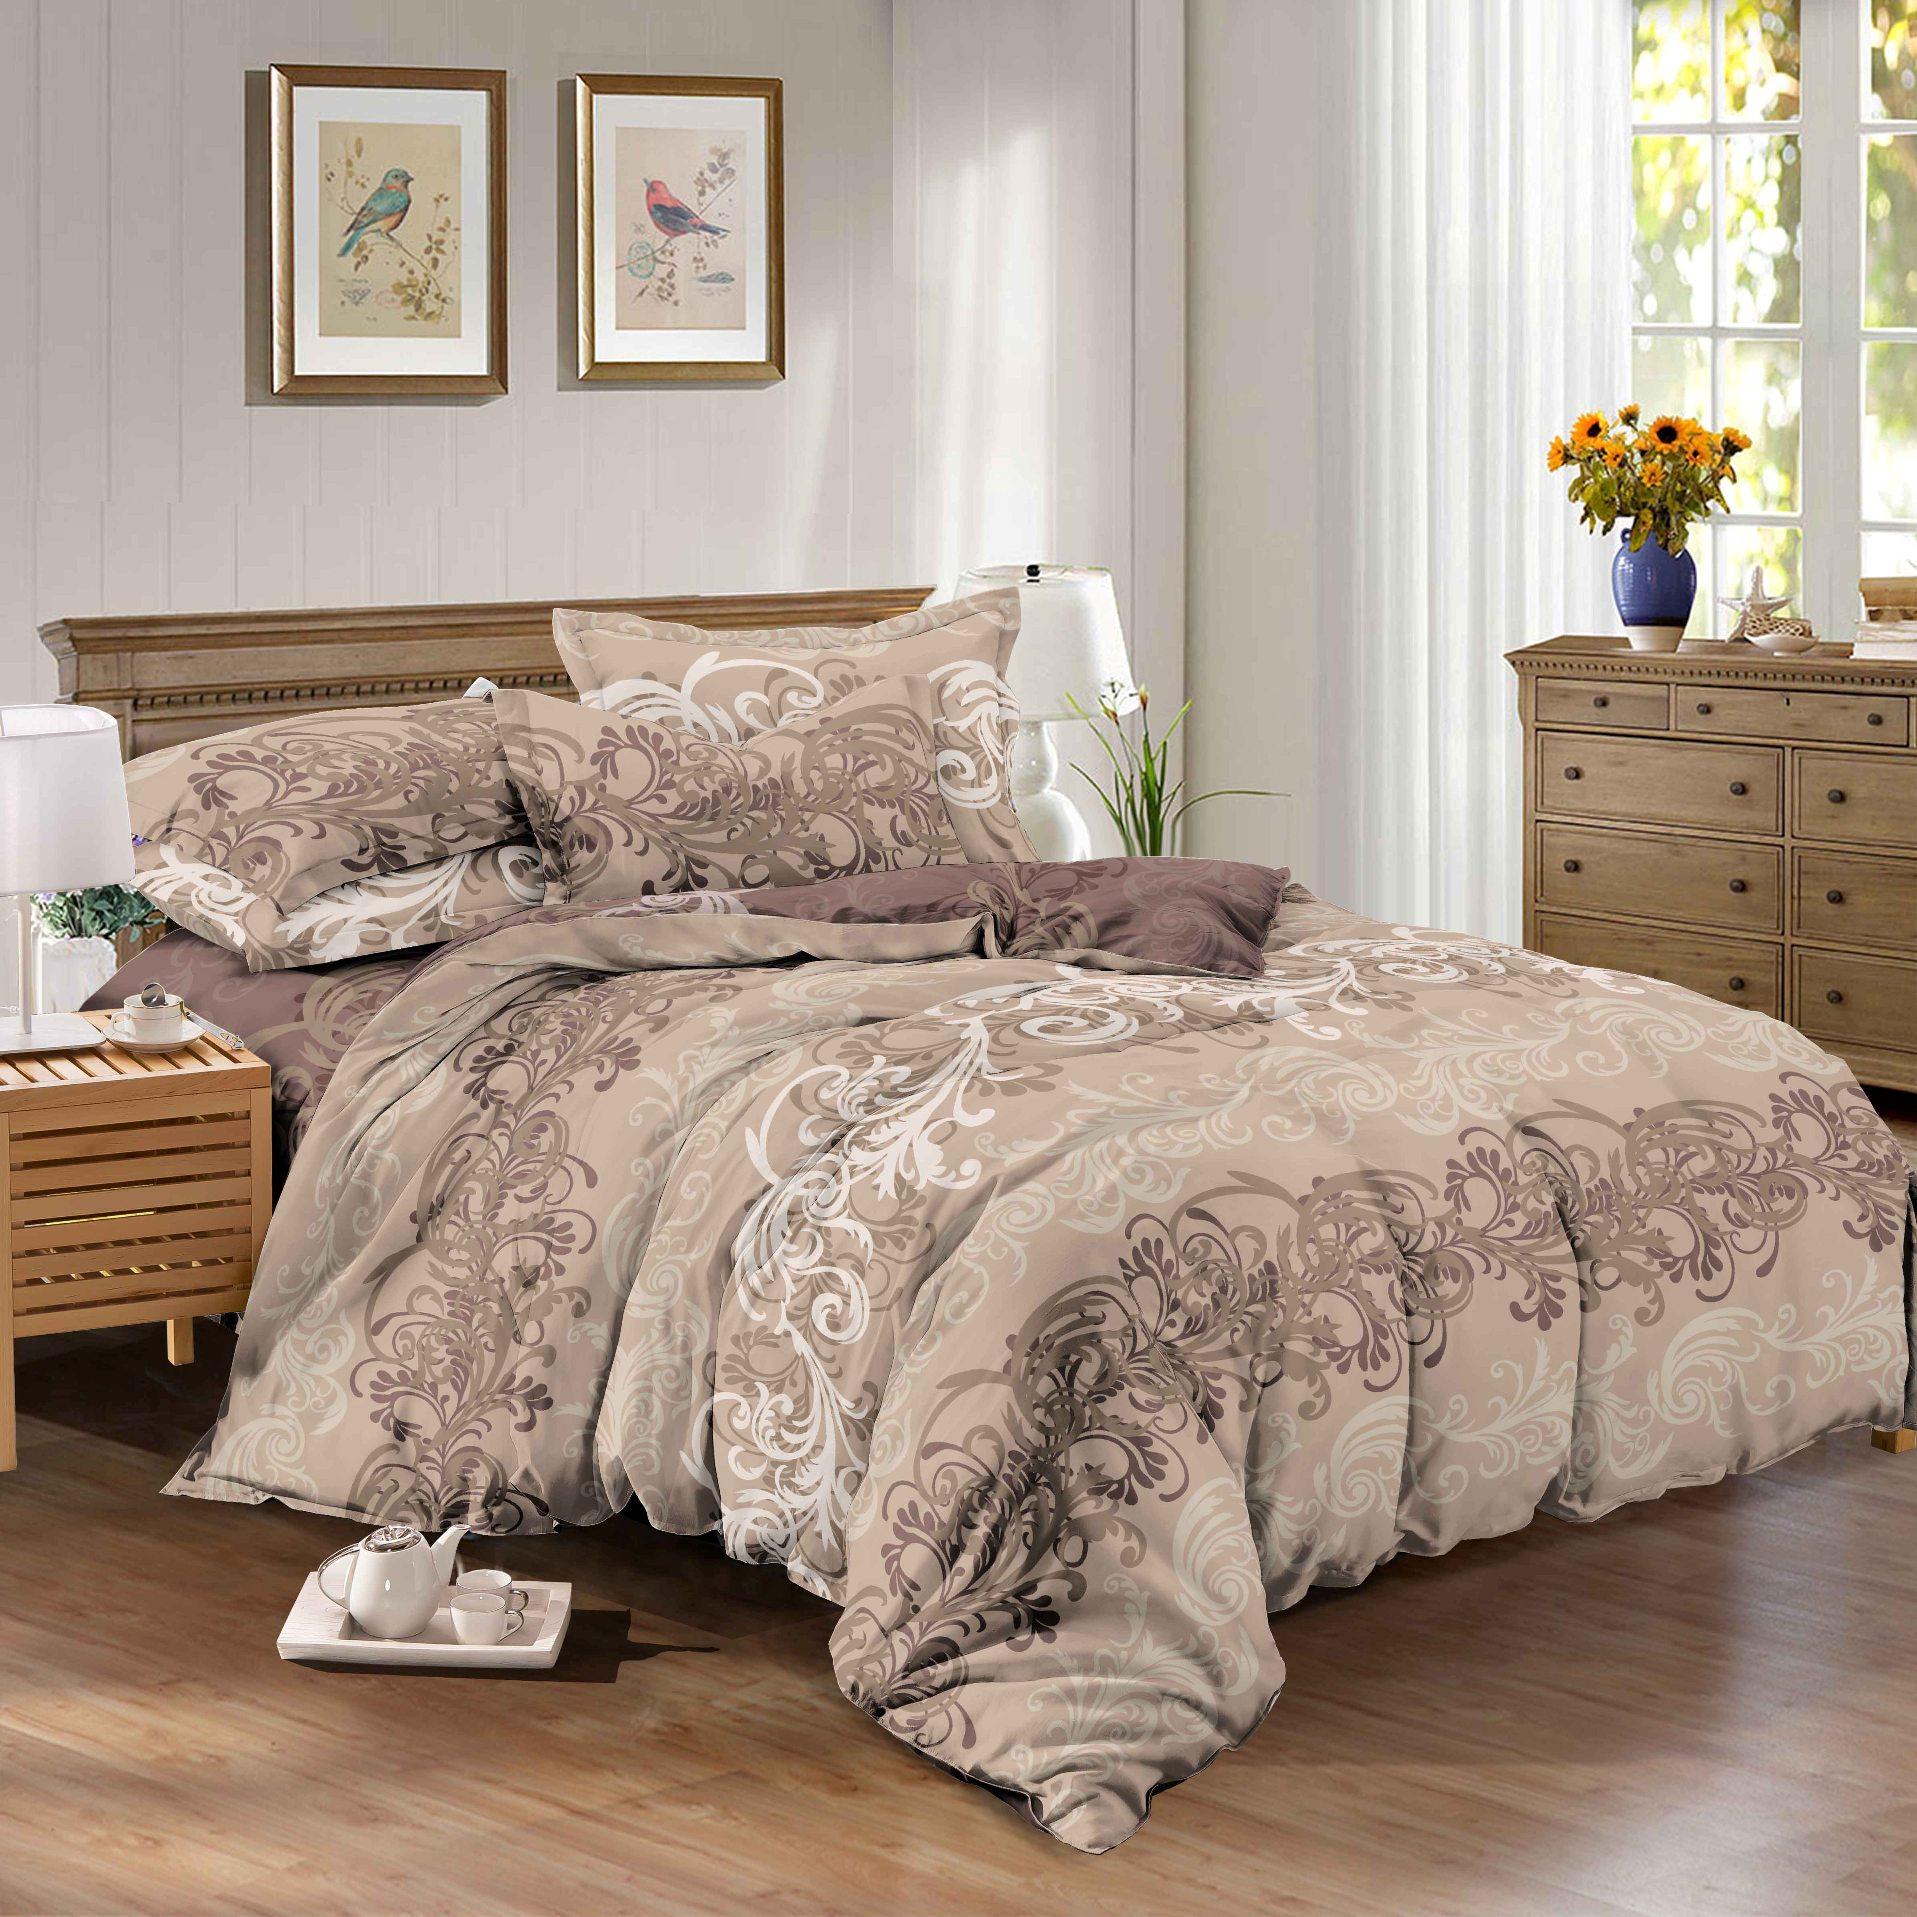 цена Комплект постельного белья SL 06264, темно-бежевый онлайн в 2017 году